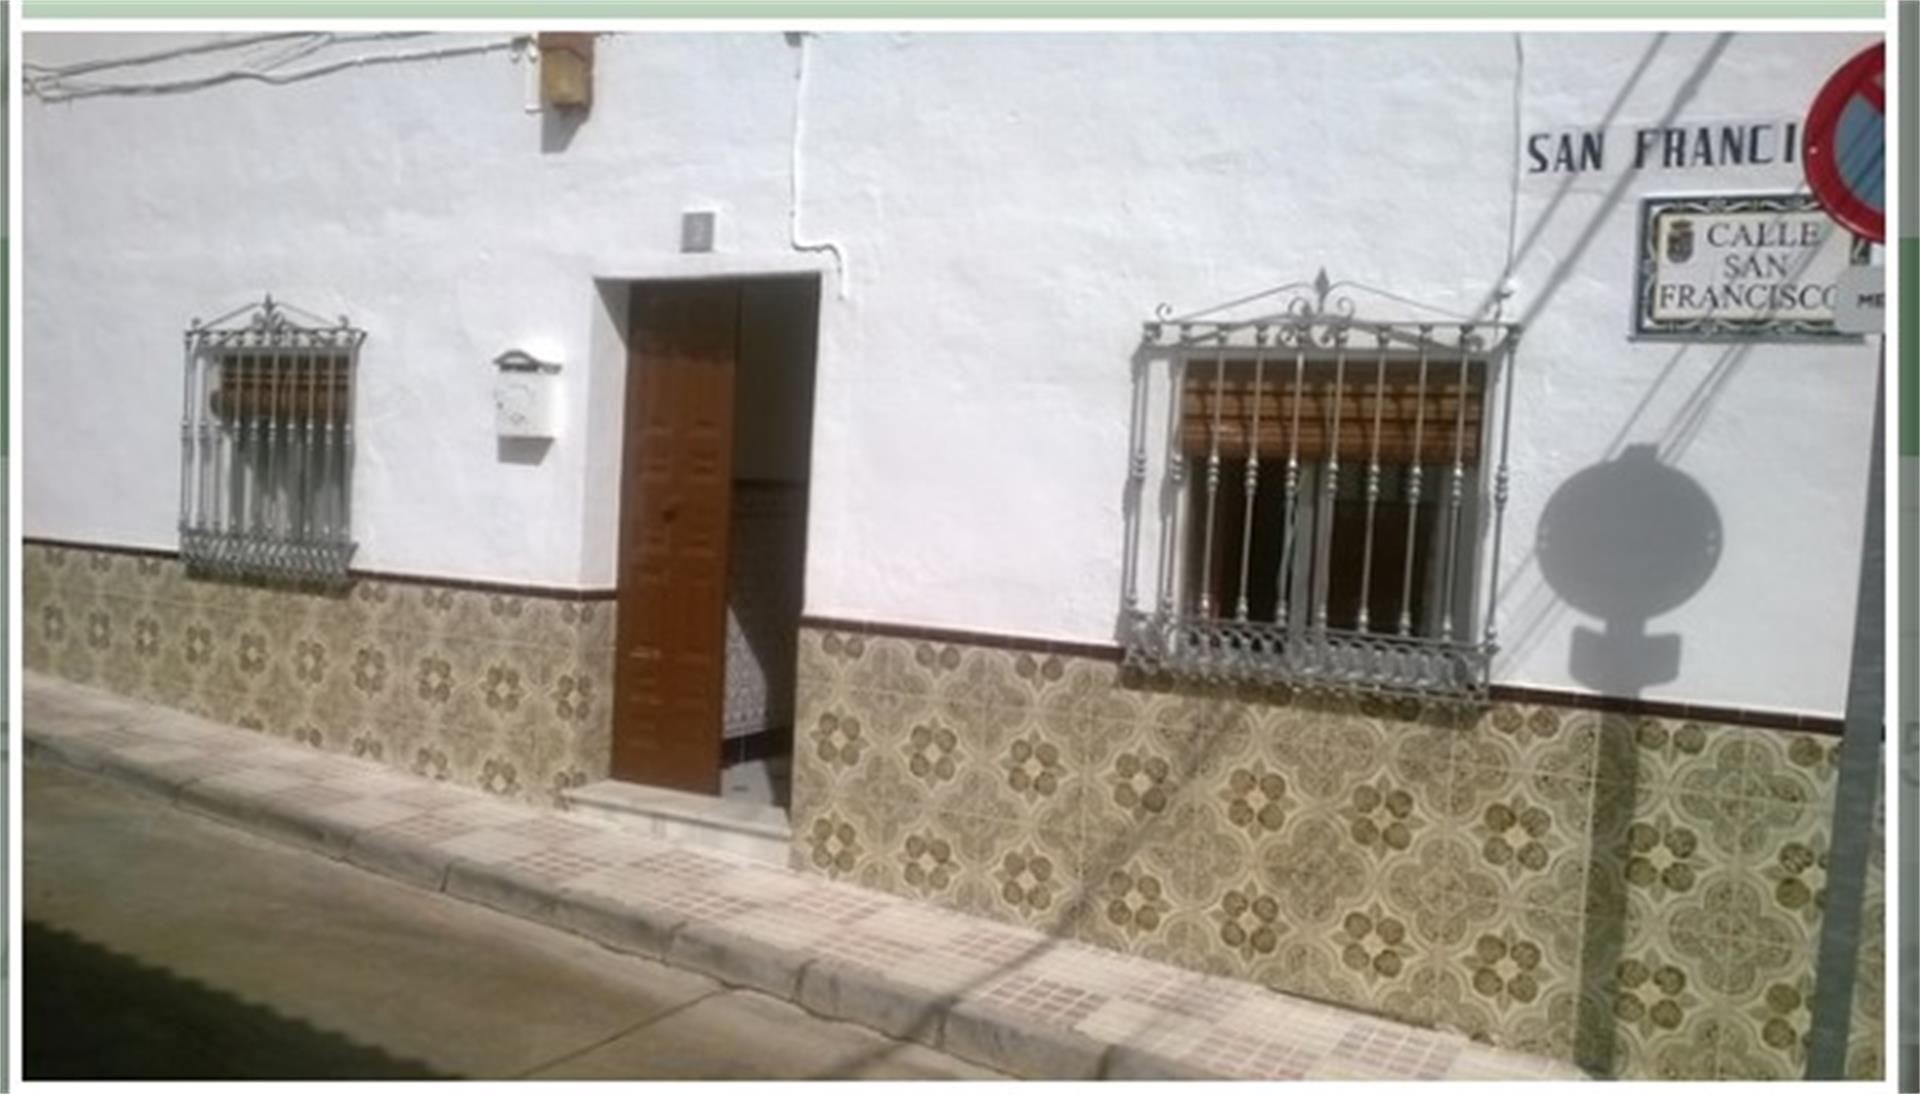 Piso de alquiler en Calle San Francisco, 2 Almargen (Antequera, Málaga)